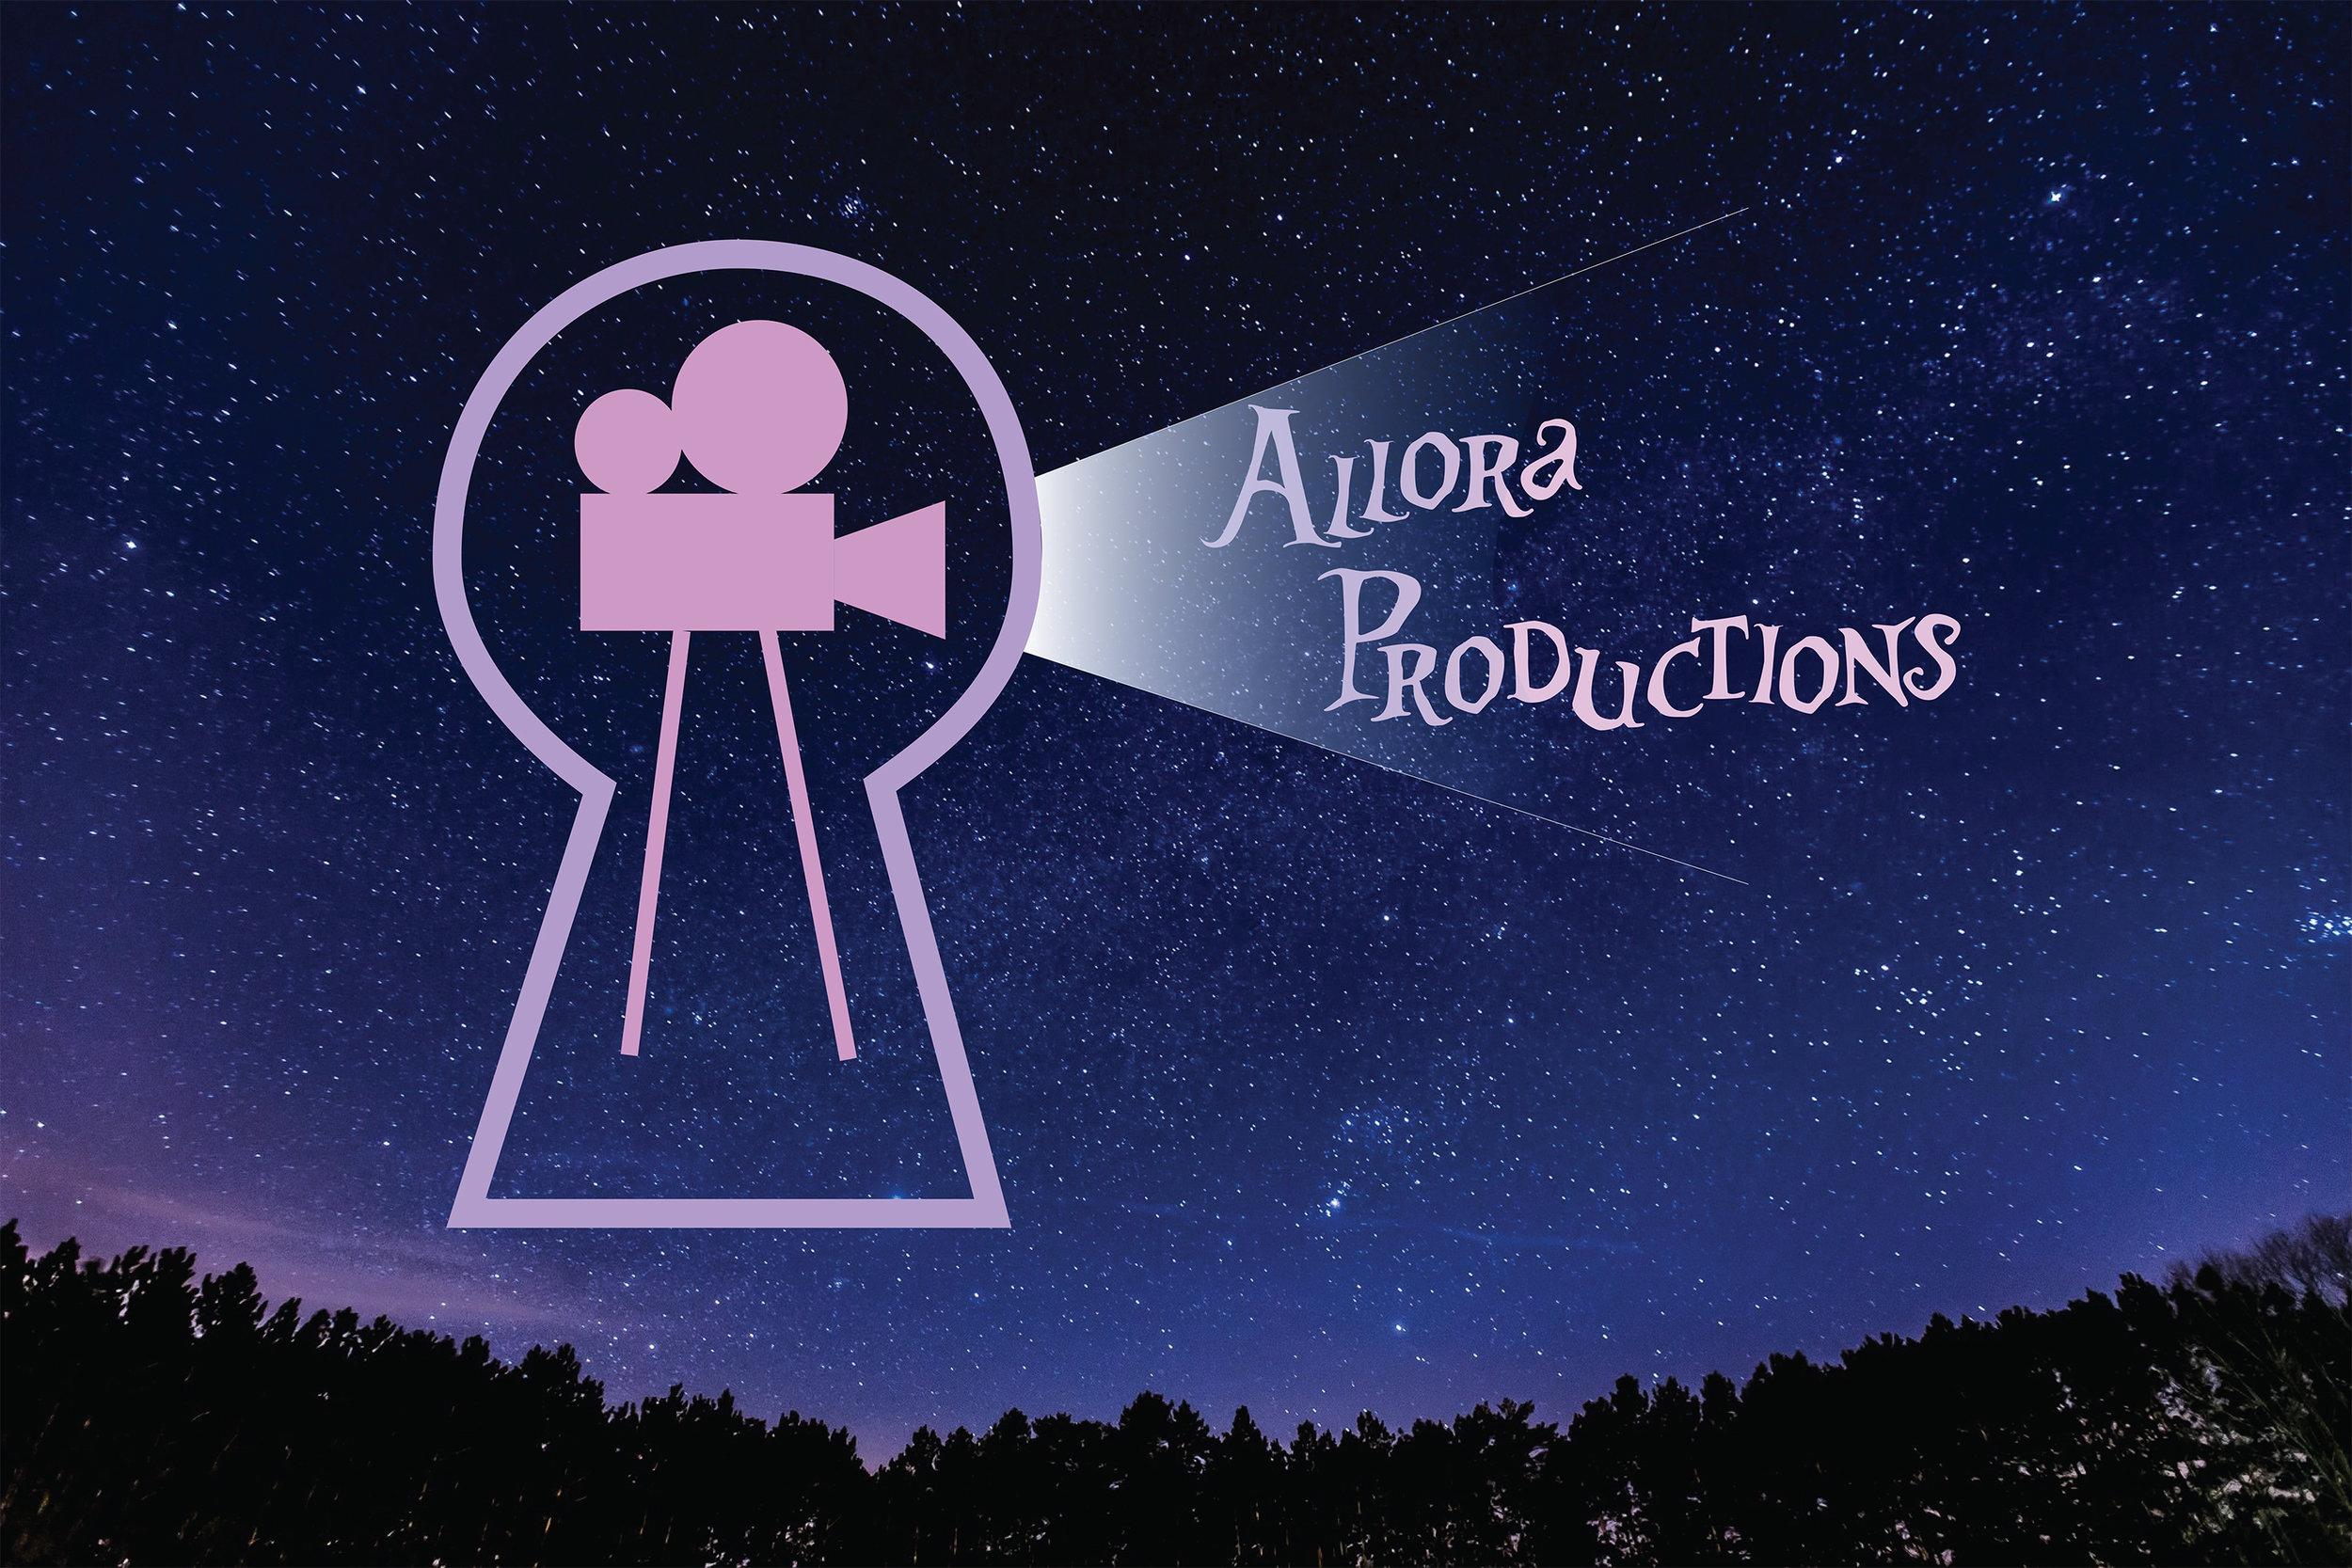 Allora_logo_context.jpg